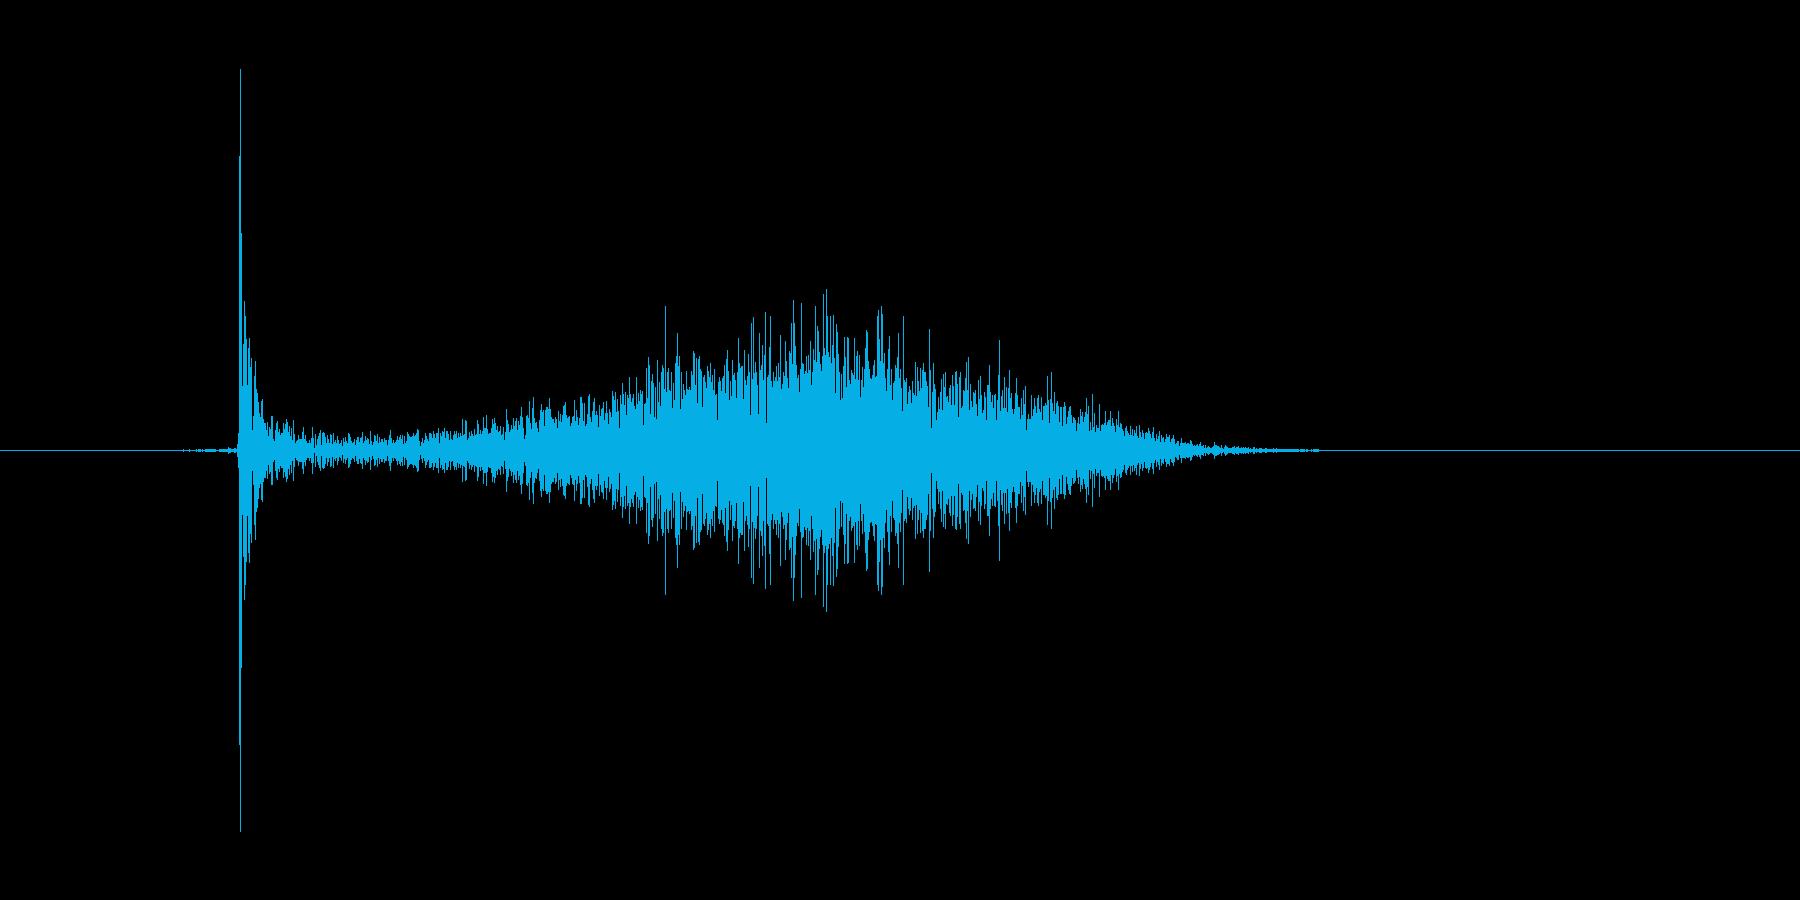 チョークで横線を引いたときの効果音の再生済みの波形